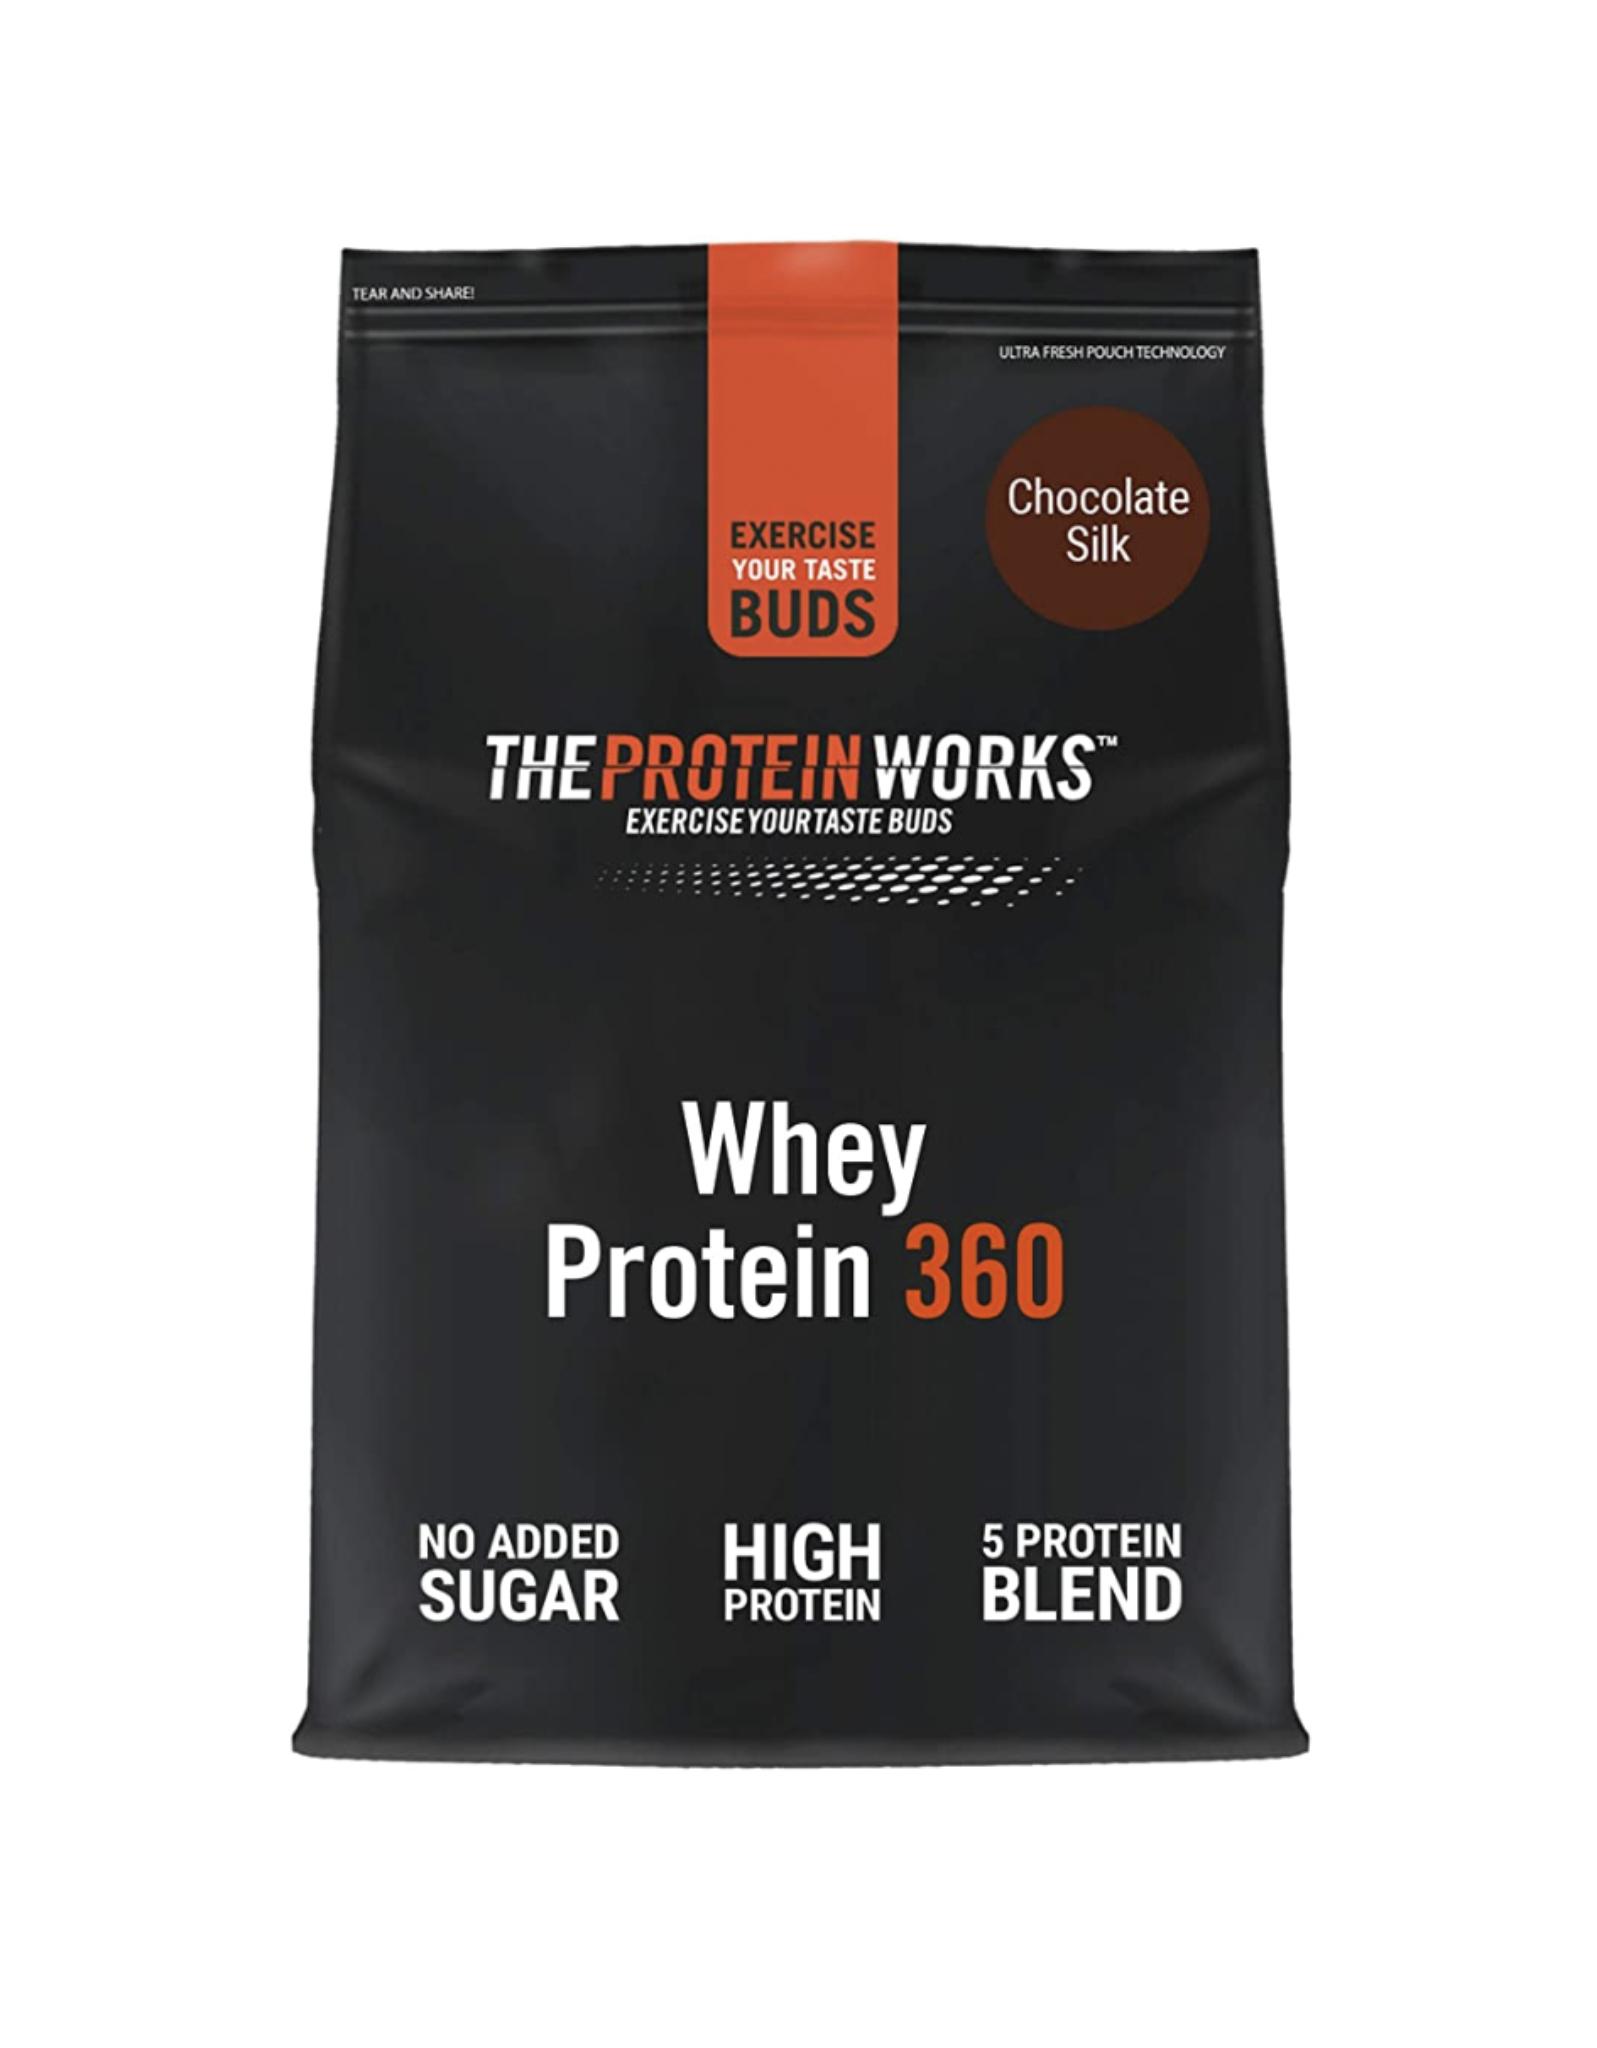 THE PROTEIN WORKS Whey Protein 360 Powder | High Protein Shake 1.2 Kg £15.99 Prime (+£4.49 Non Prime) @ Amazon